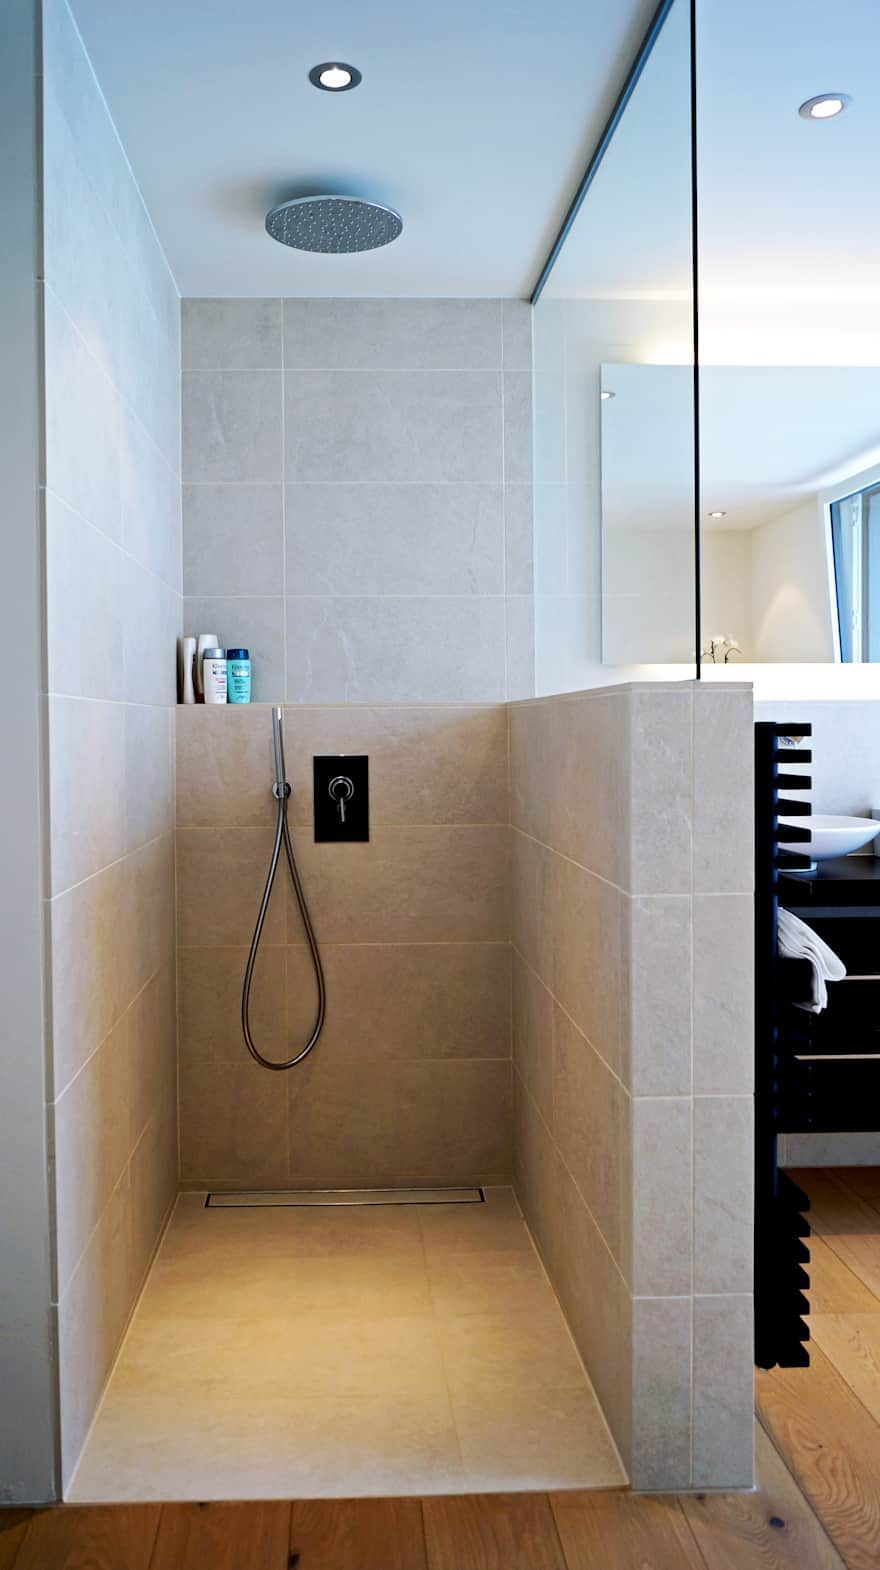 Badezimmer: Ideen, Design und Bilder in 2019 | Badezimmer ...